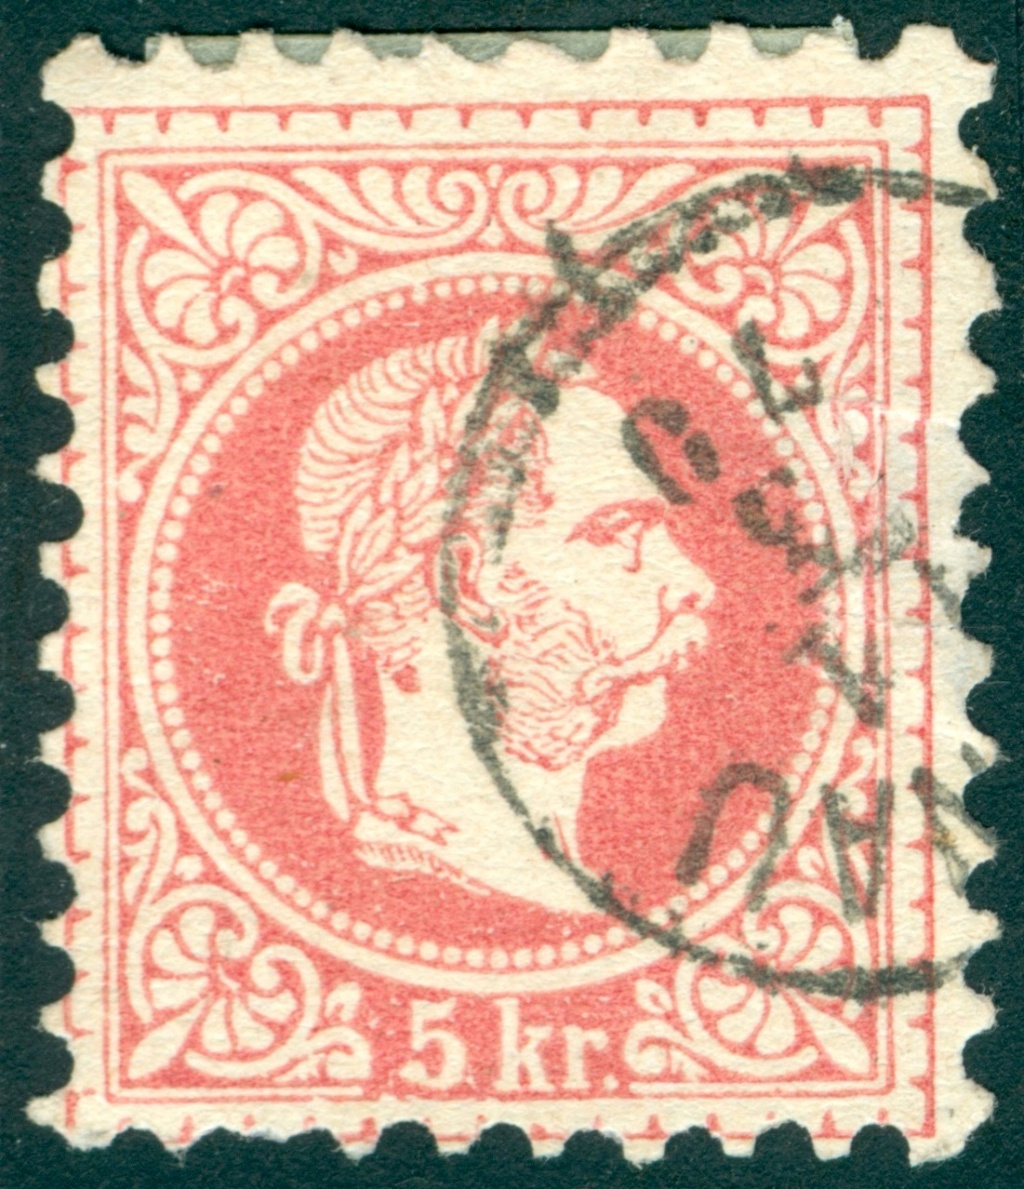 Nachtrag - Freimarken-Ausgabe 1867 : Kopfbildnis Kaiser Franz Joseph I - Seite 22 5_kr_t11